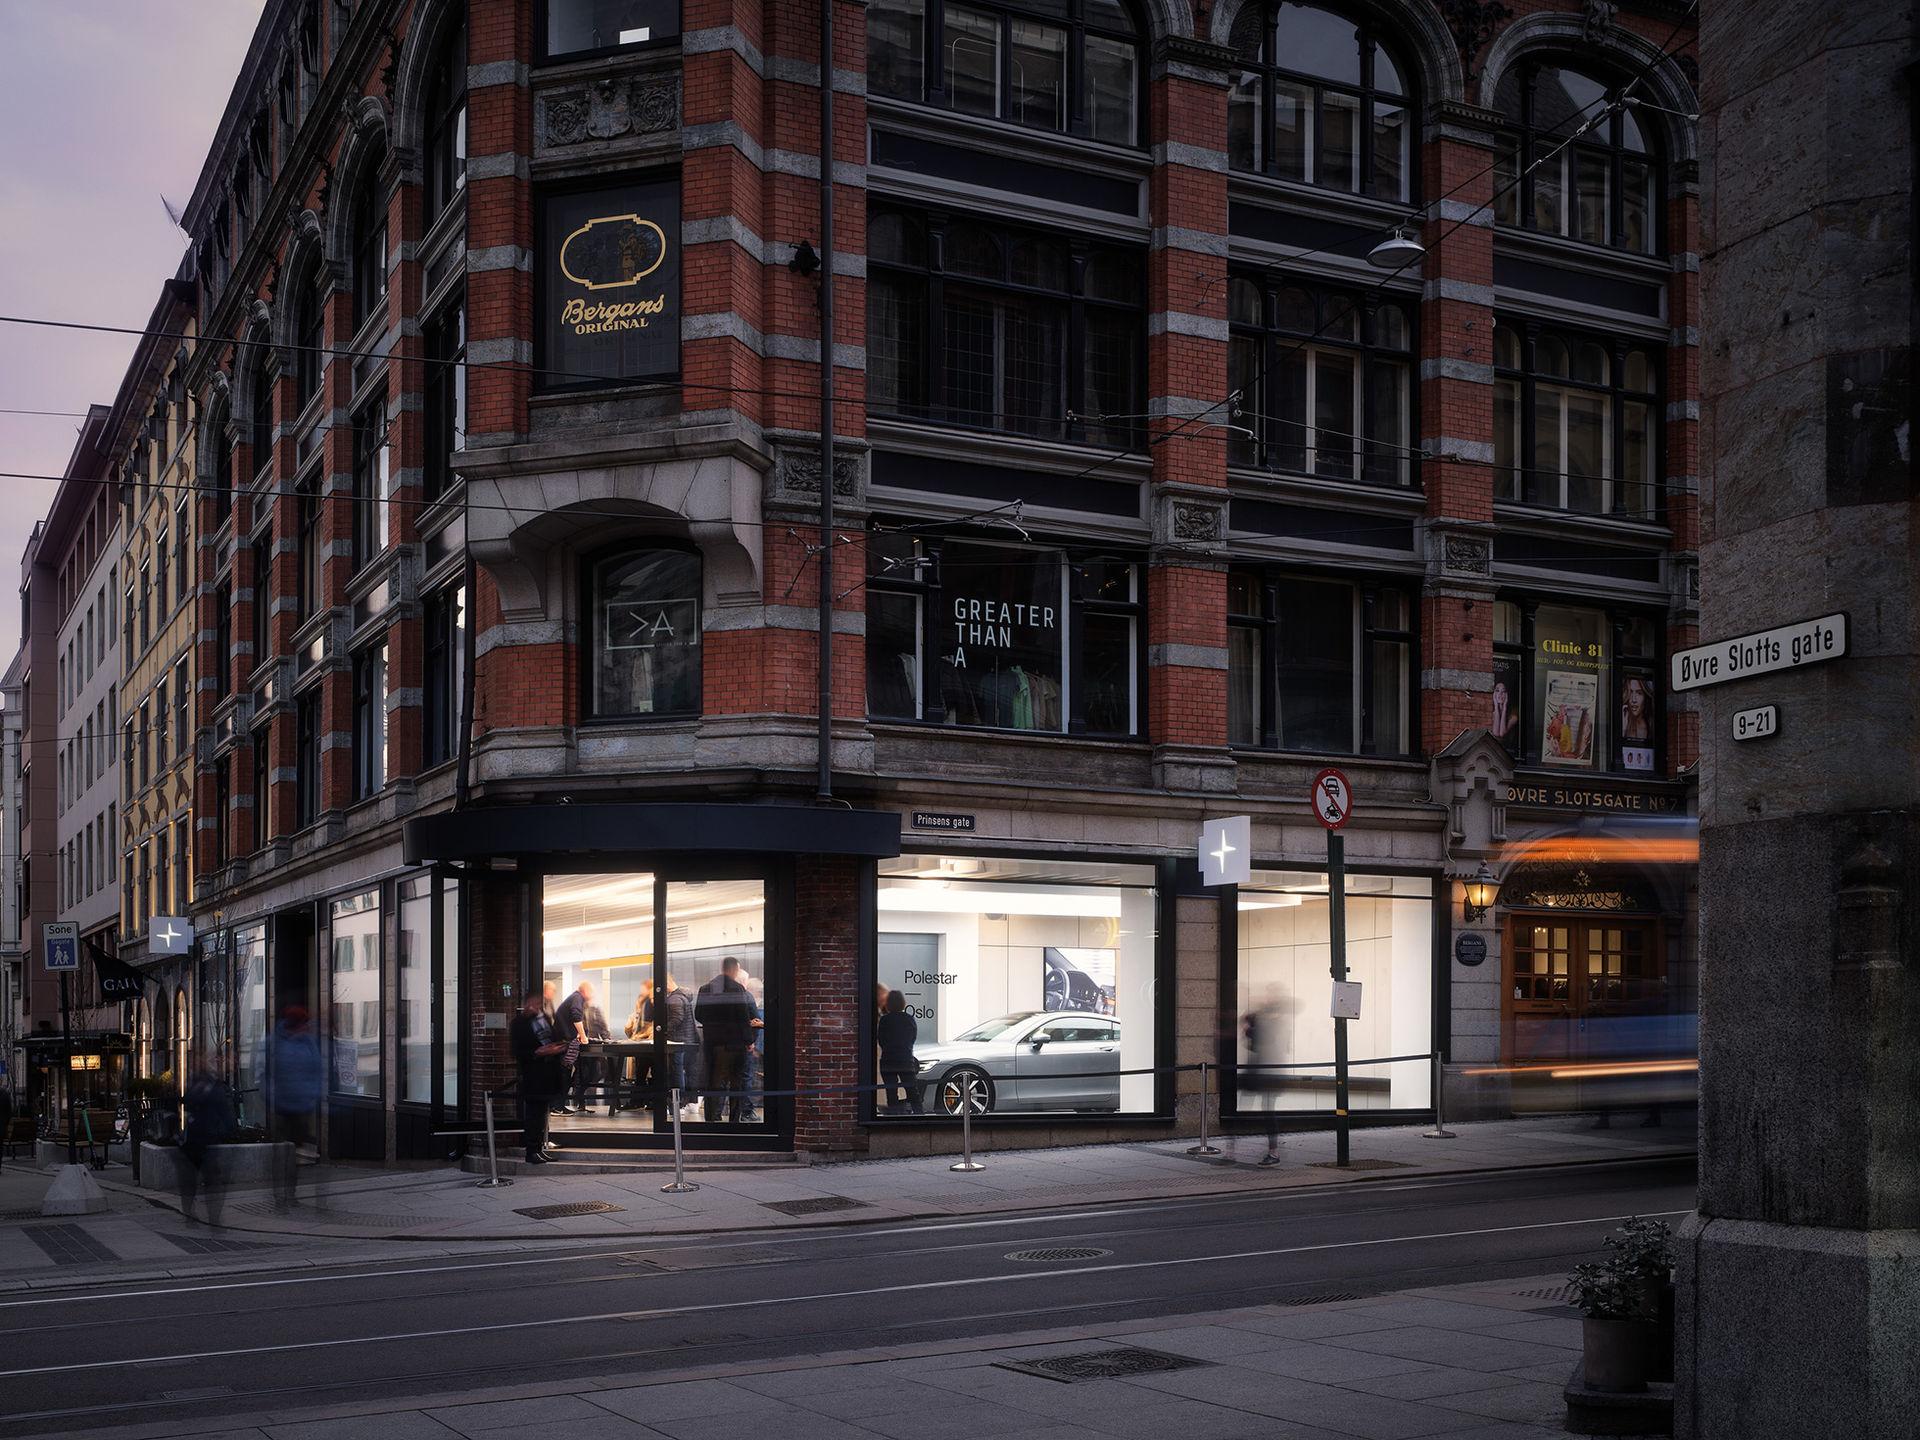 Polestars första showroom i Europa har öppnat